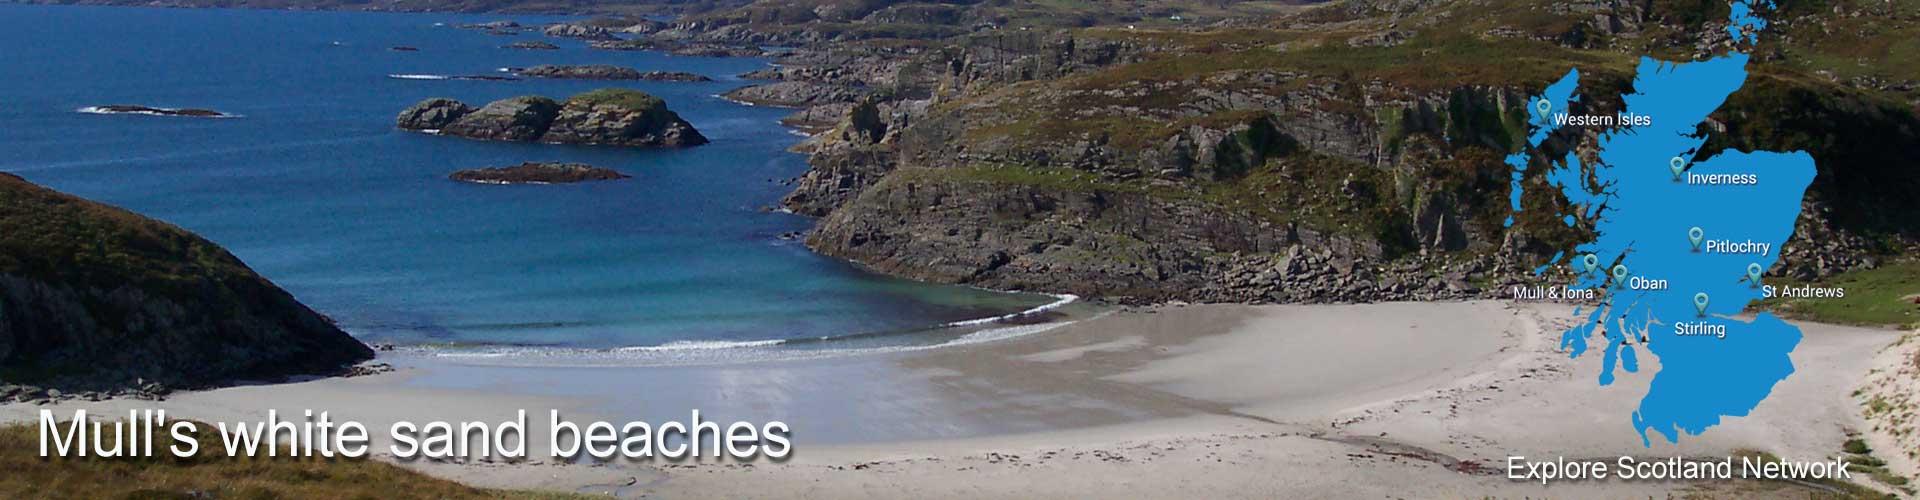 Isle of Mull beaches